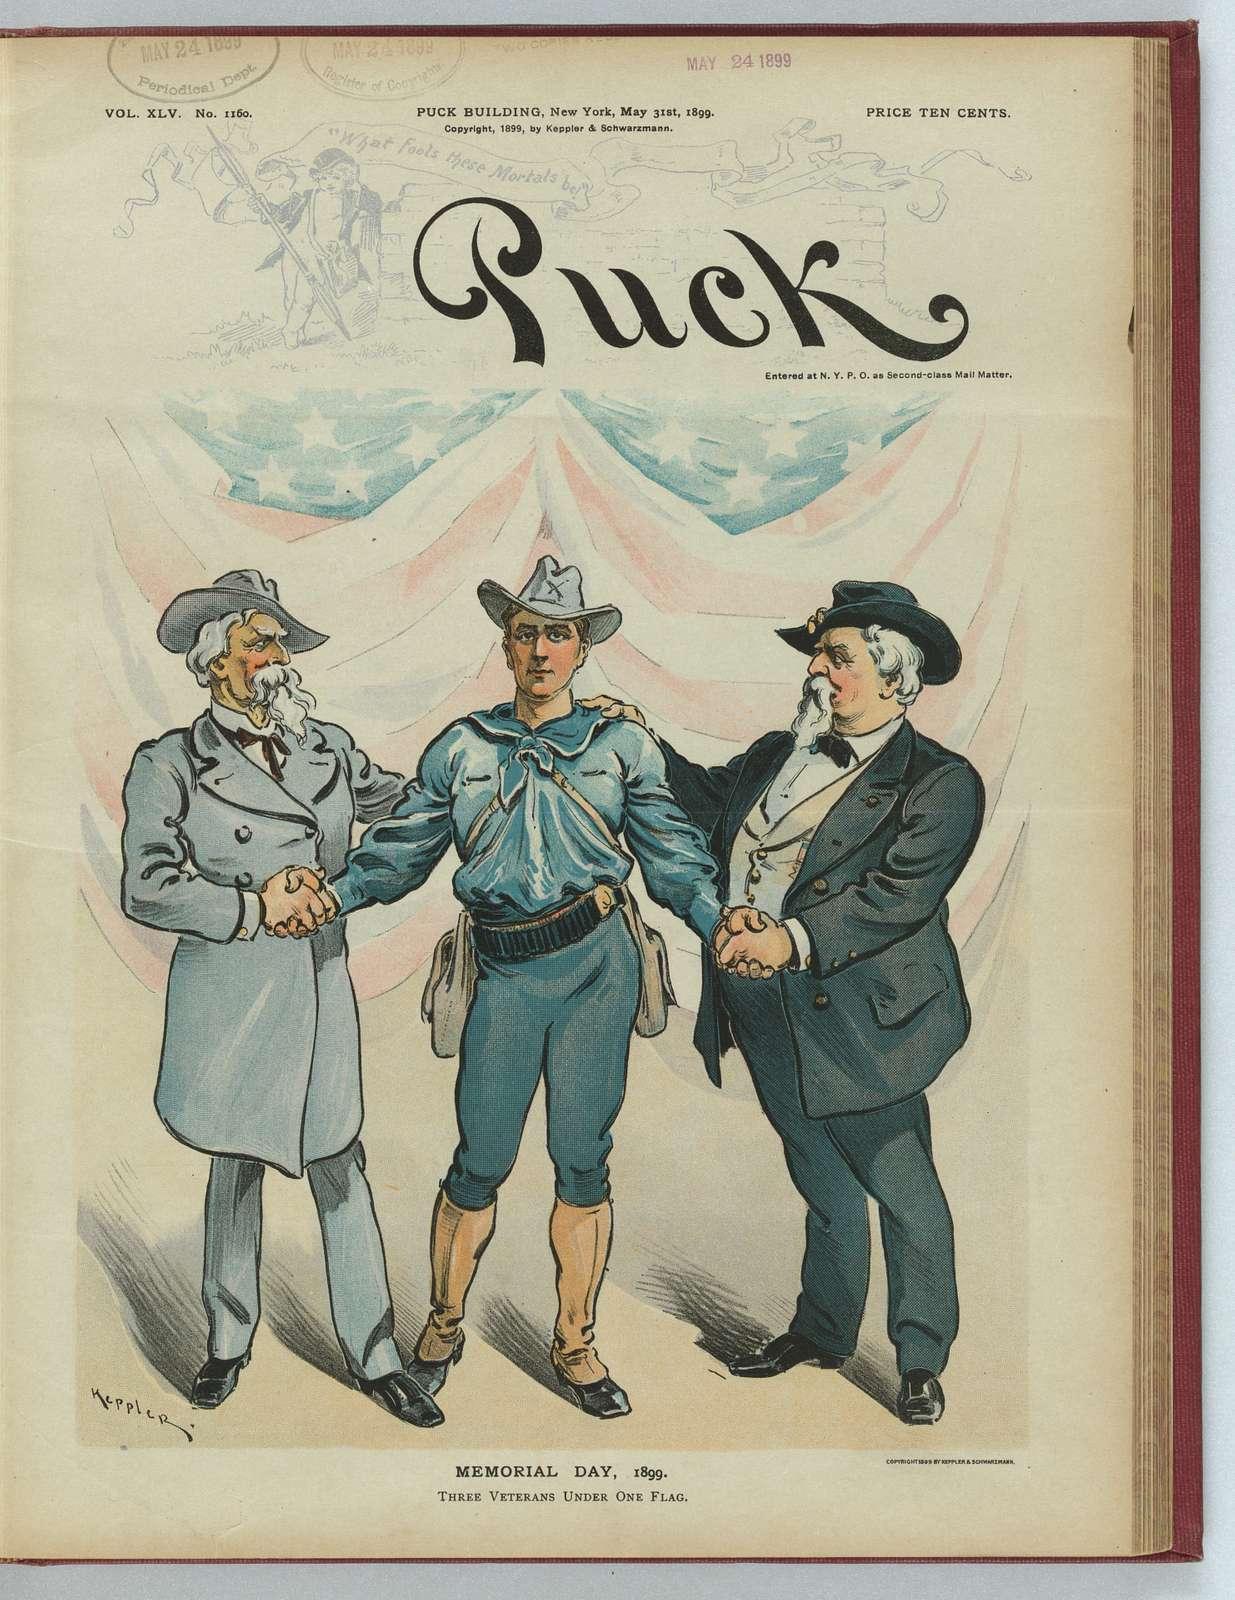 Memorial Day, 1899 - three veterans under one flag / Keppler.